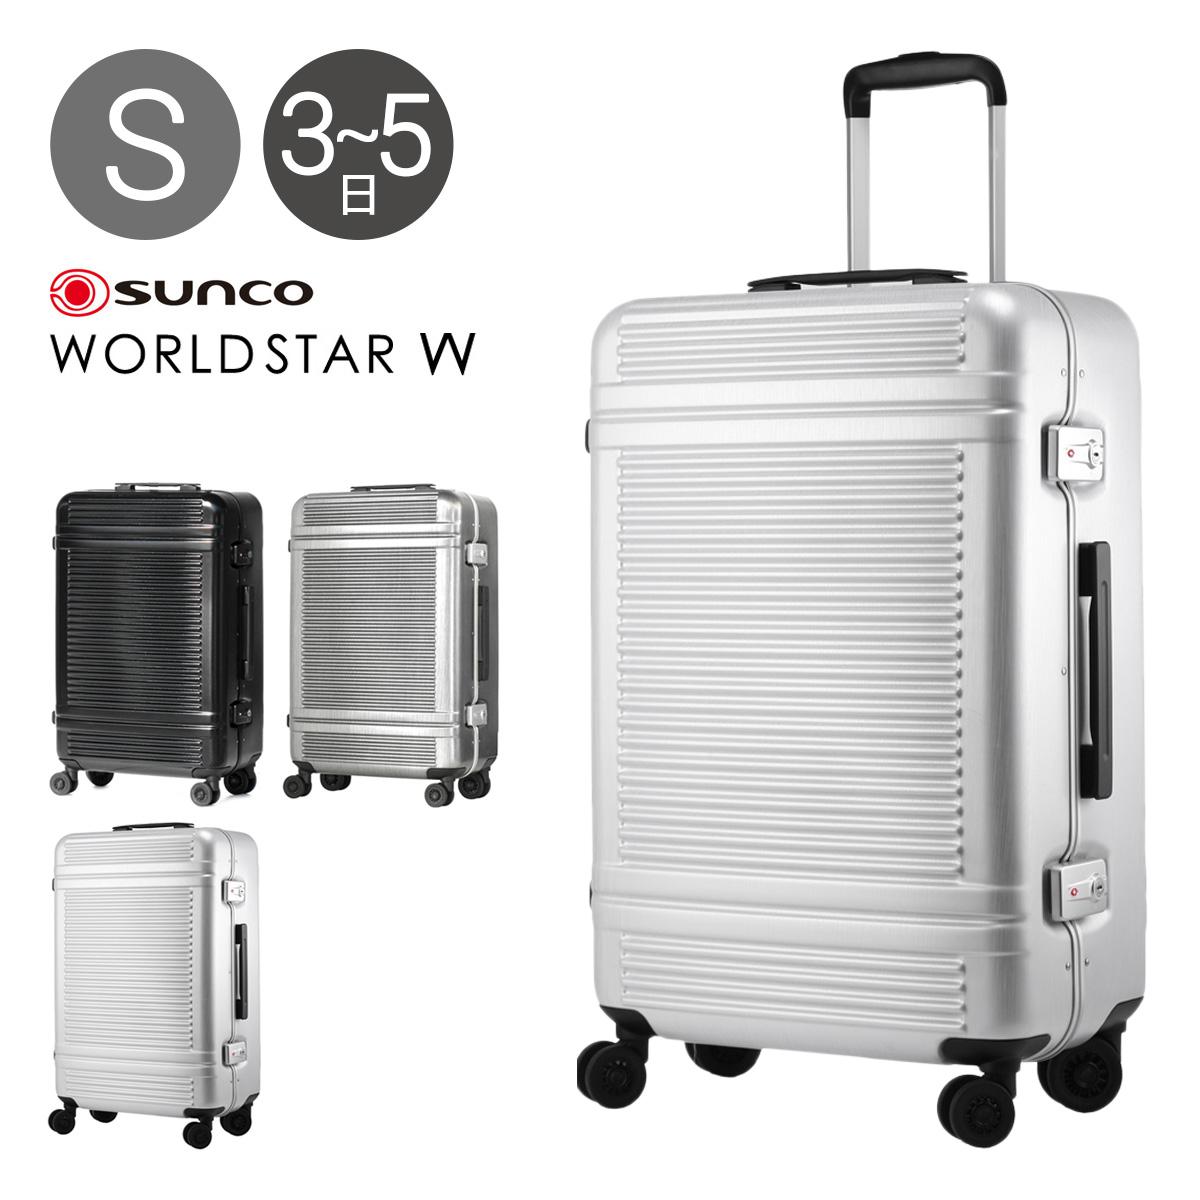 サンコー スーツケース WSW1-60 60cm 【 ワールドスター WORLDSTAR W 】【 キャリーケース ビジネスキャリー 軽量 TSAロック搭載 】[bef][PO10][即日発送]